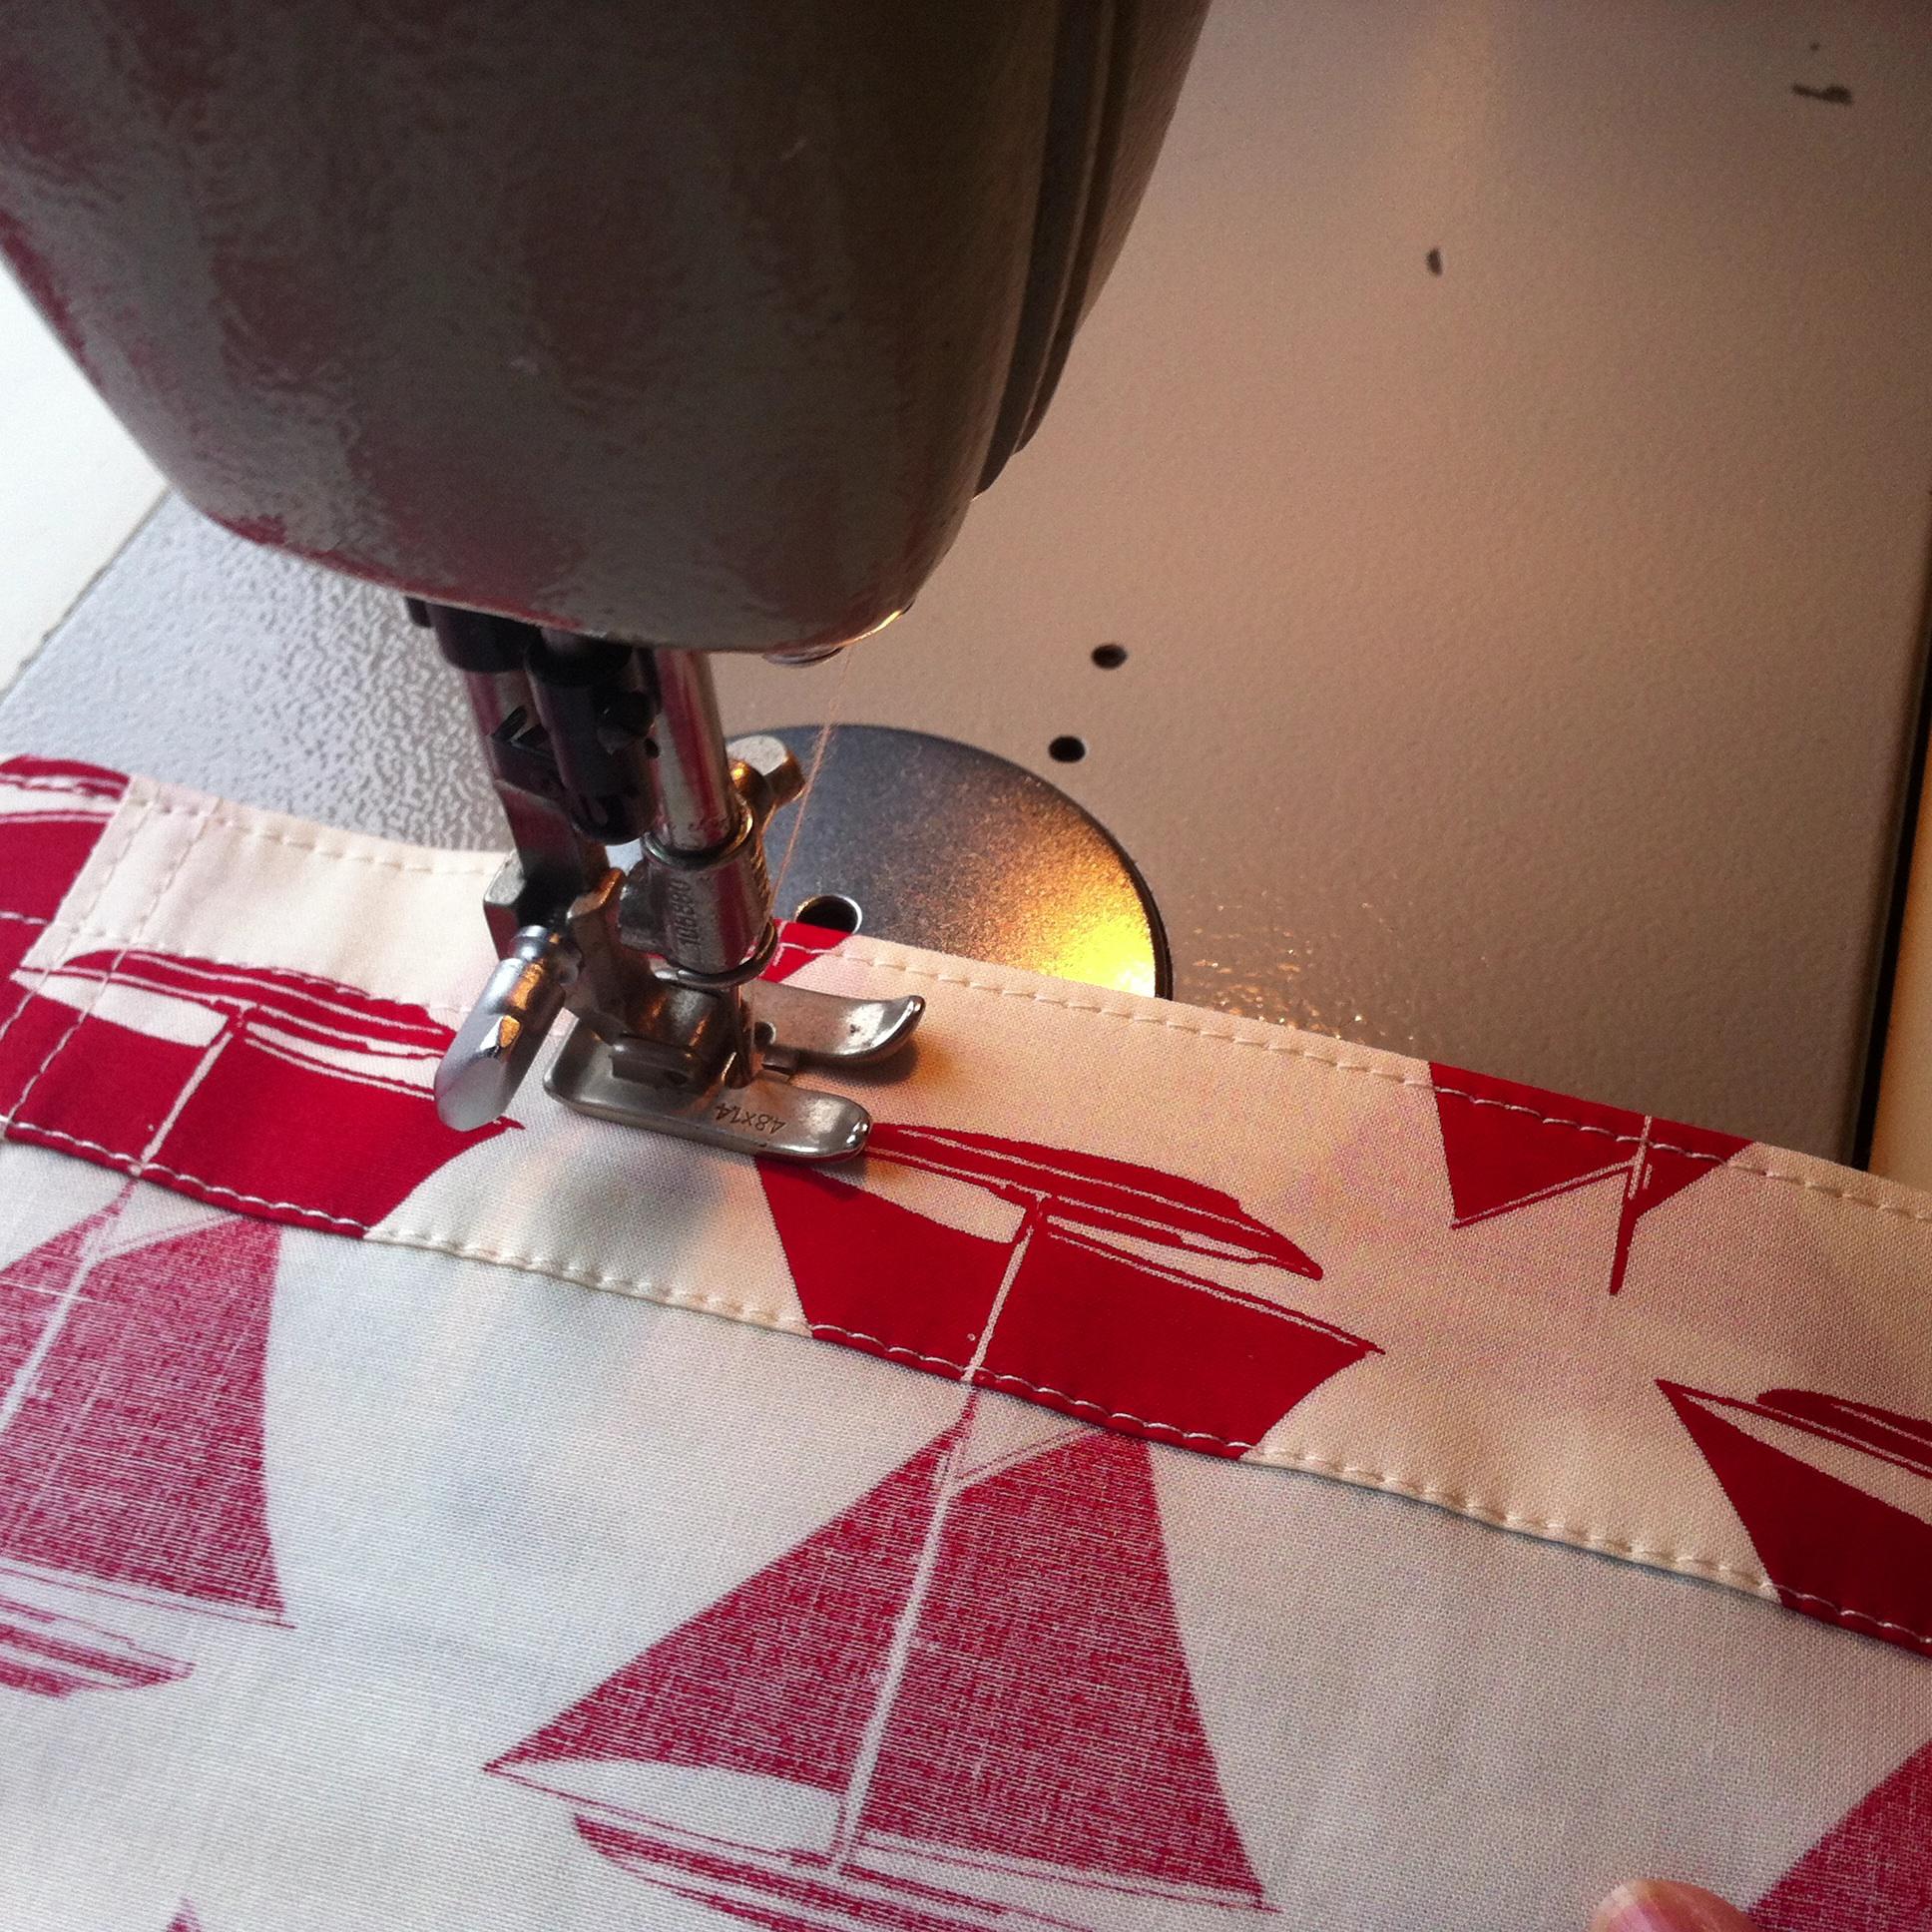 Arbeitschritt Bund naehen Set Mail Red Boxershorts